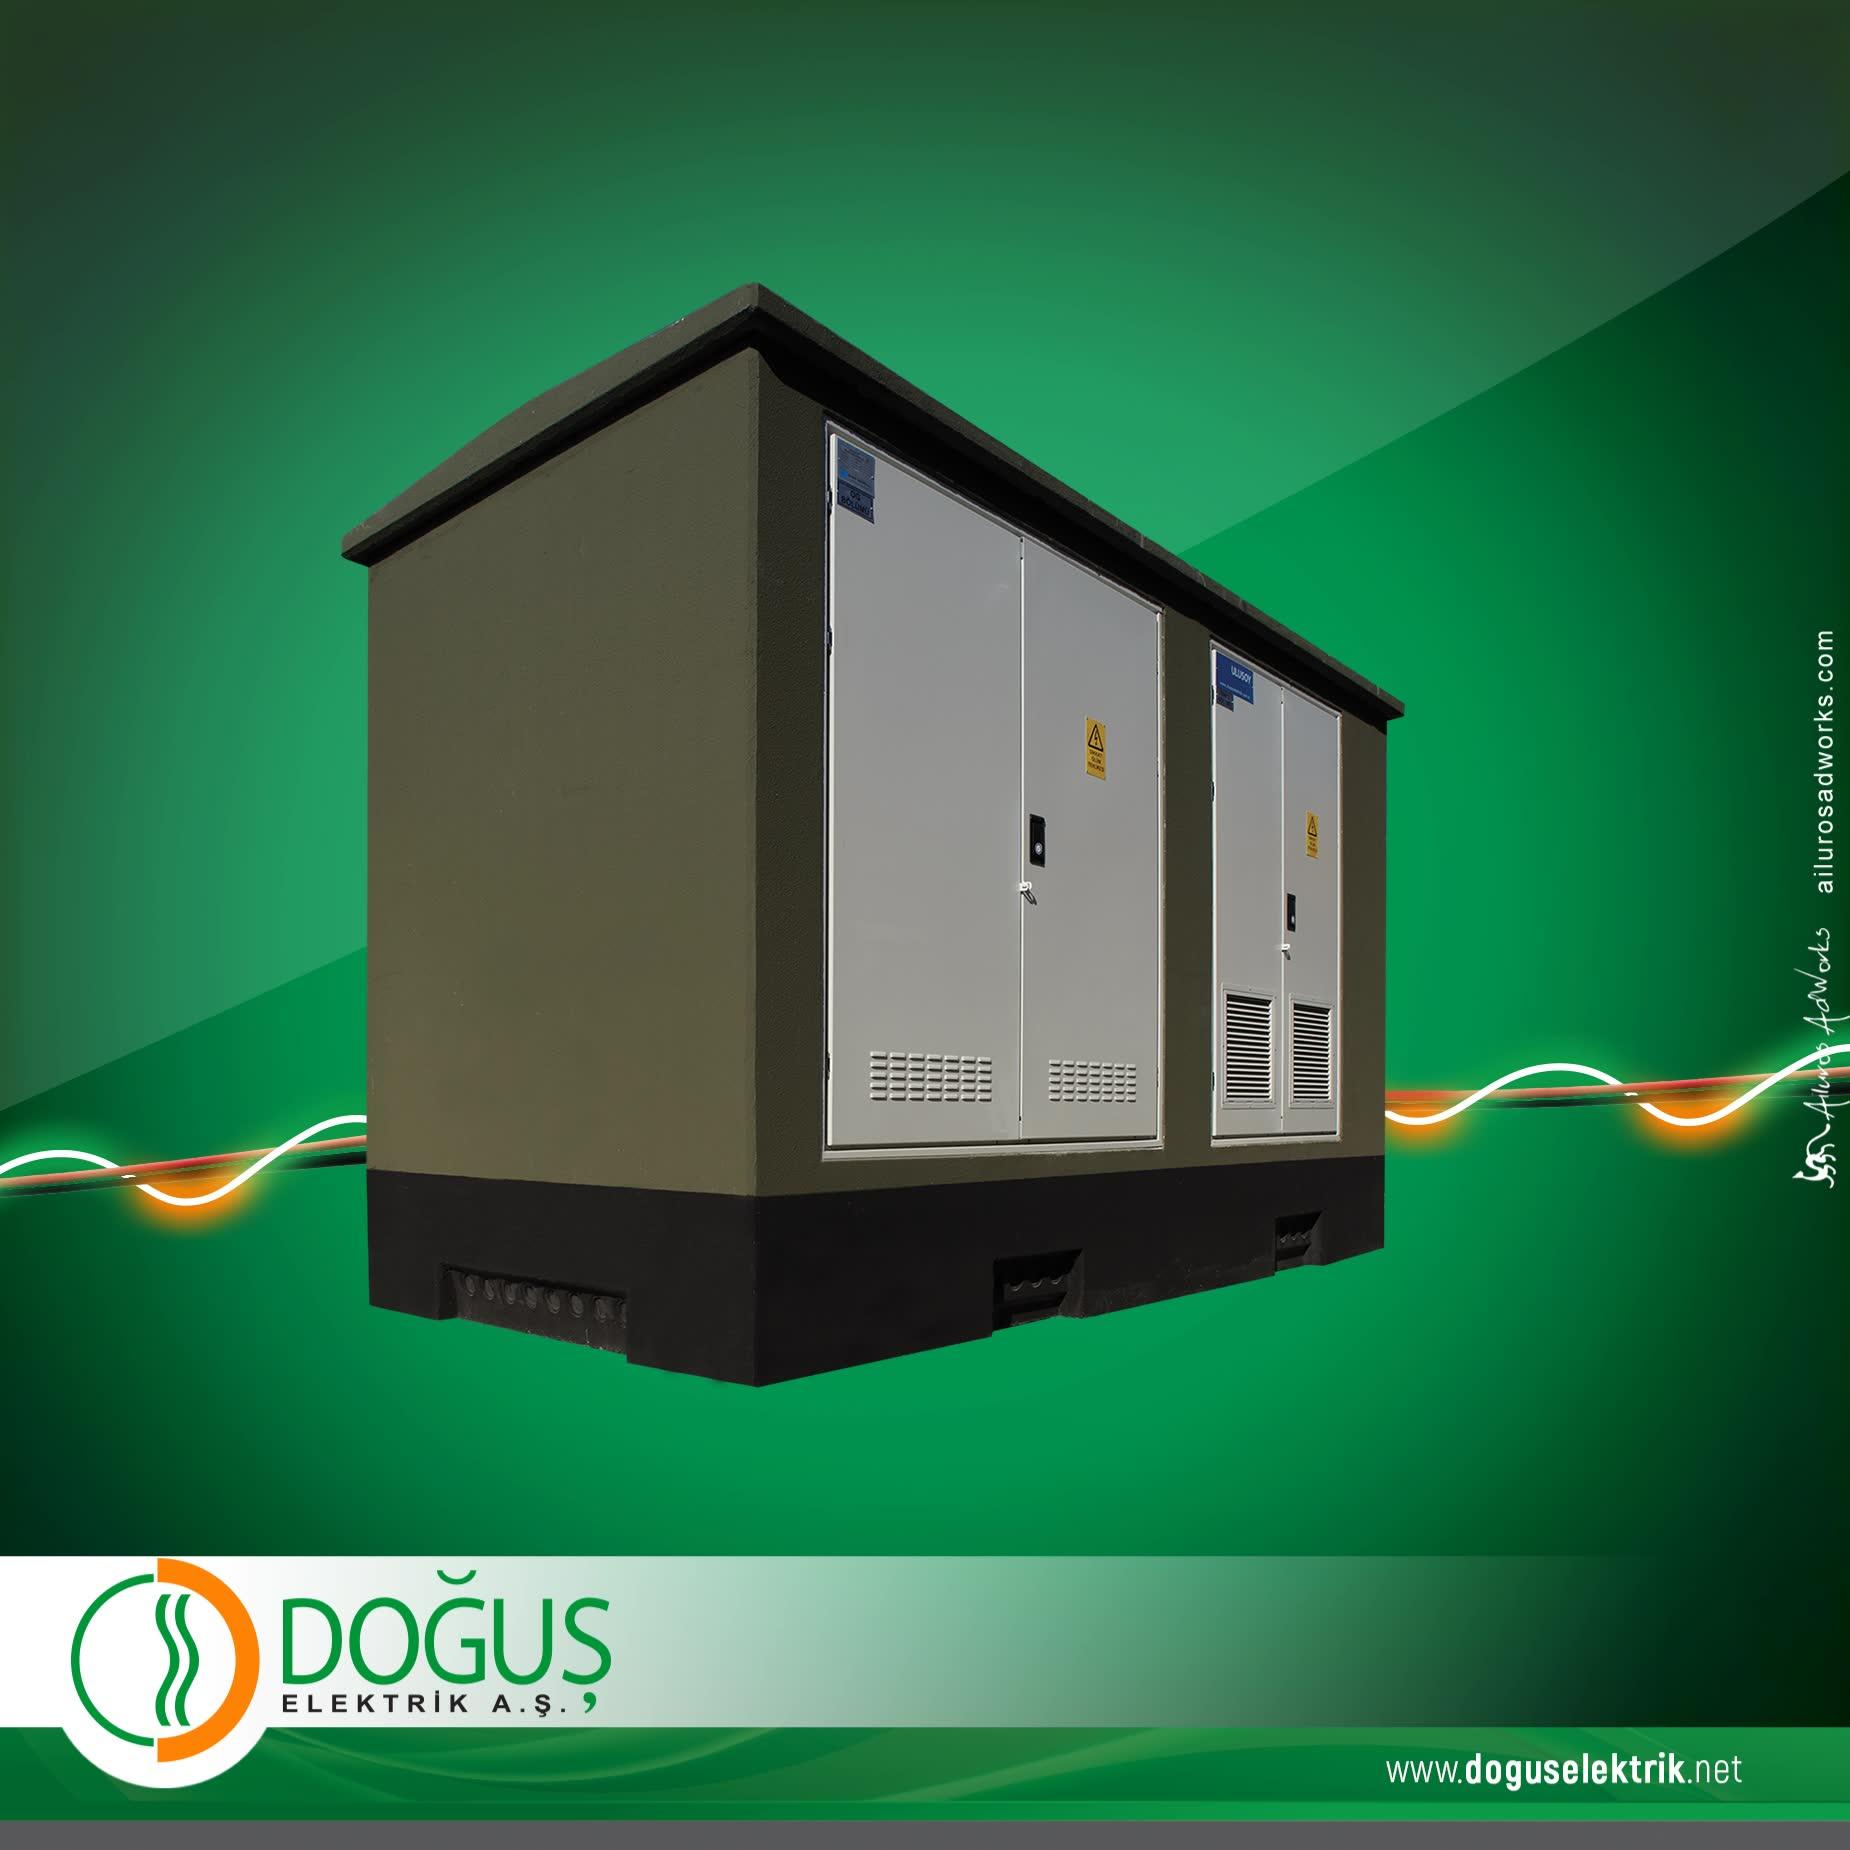 Doğuş Elektrik Sistemleri Sanayi Tic. A.Ş.